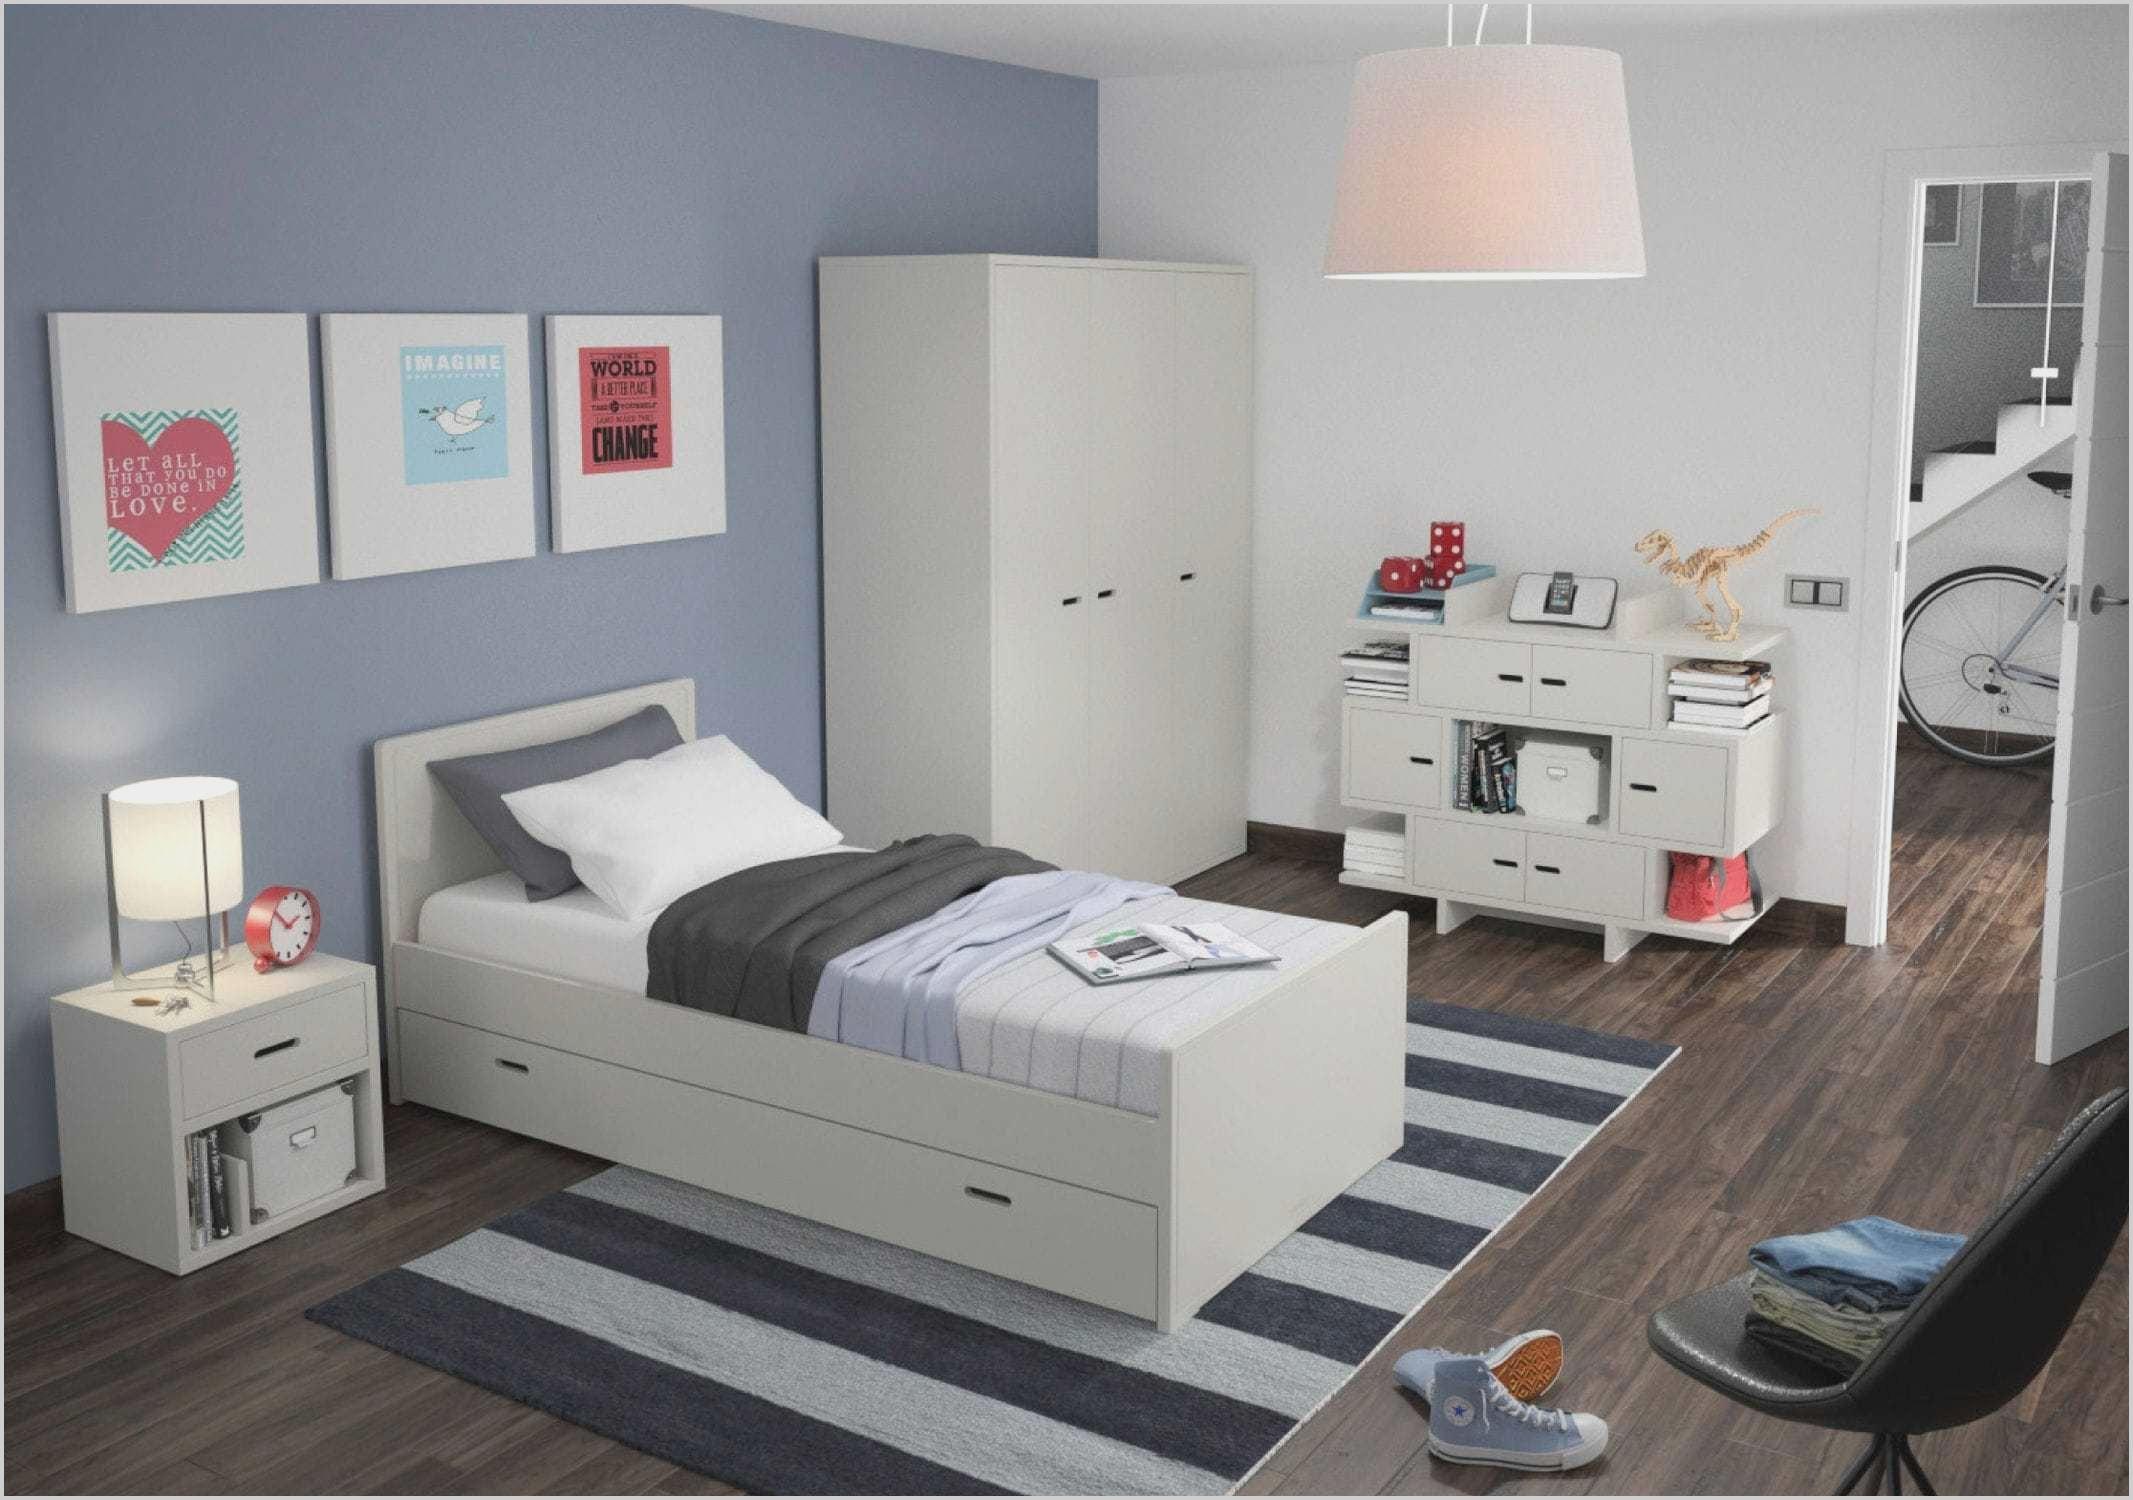 Childrens Designer Bedroom Furniture In 2020 Childrens Bedroom Furniture Sets Childrens Bedroom Furniture Toddler Bedroom Sets